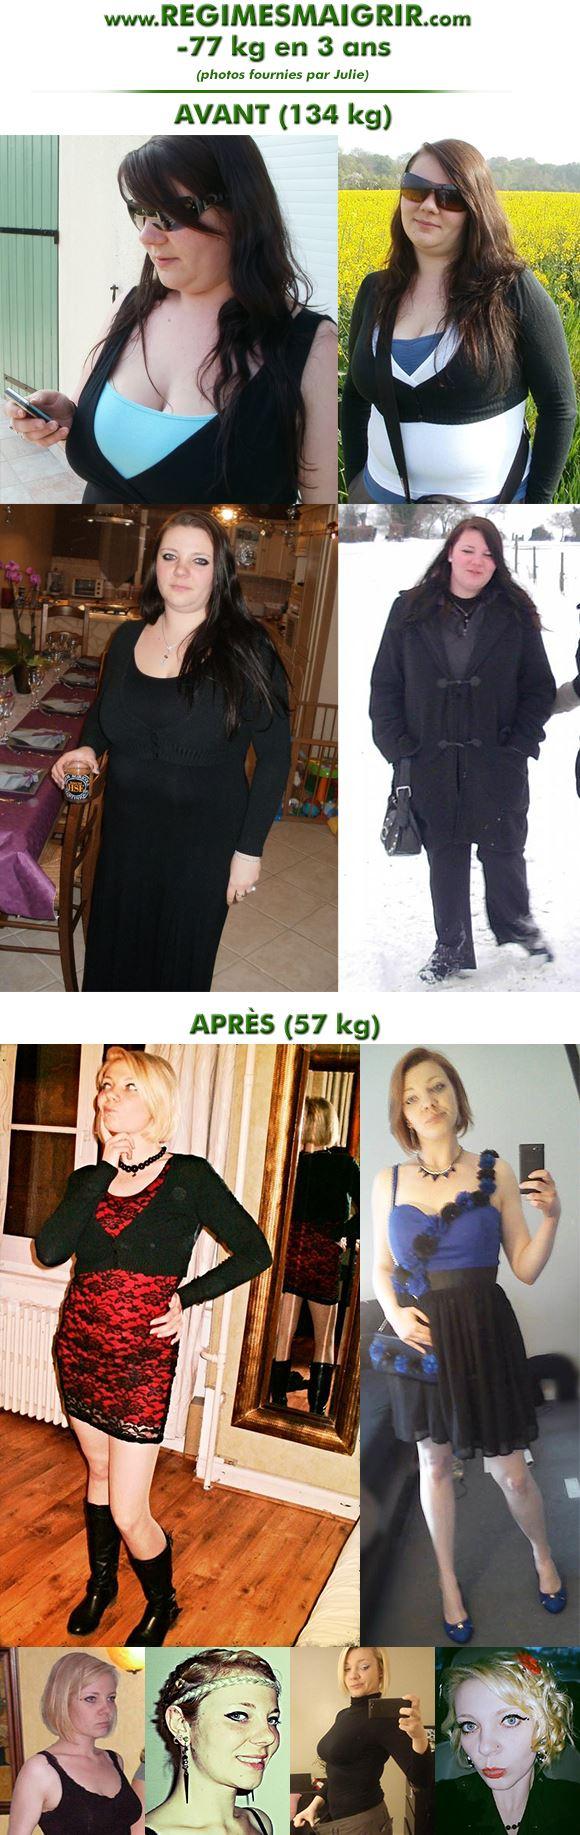 Julie a obtenu un changement visuel du corps très spectaculaire grâce à une perte de poids de 77 kilogrammes en 3 ans